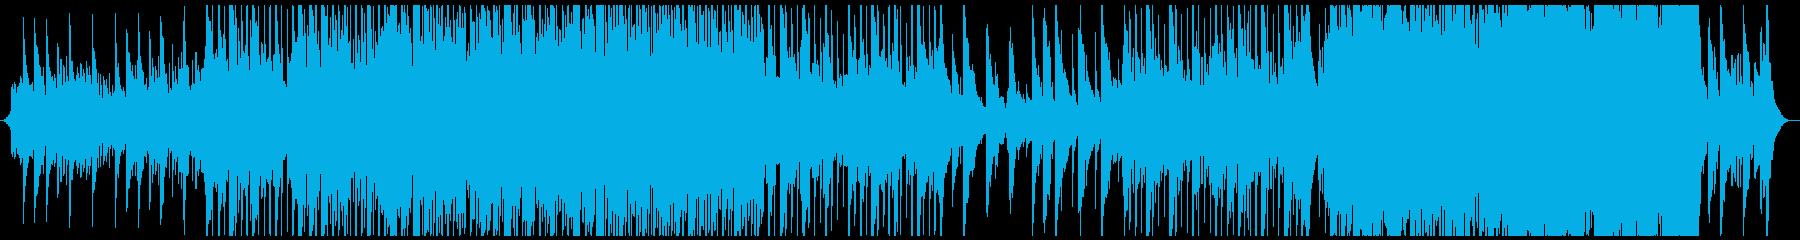 気分が上がるクリスマスBGMの再生済みの波形